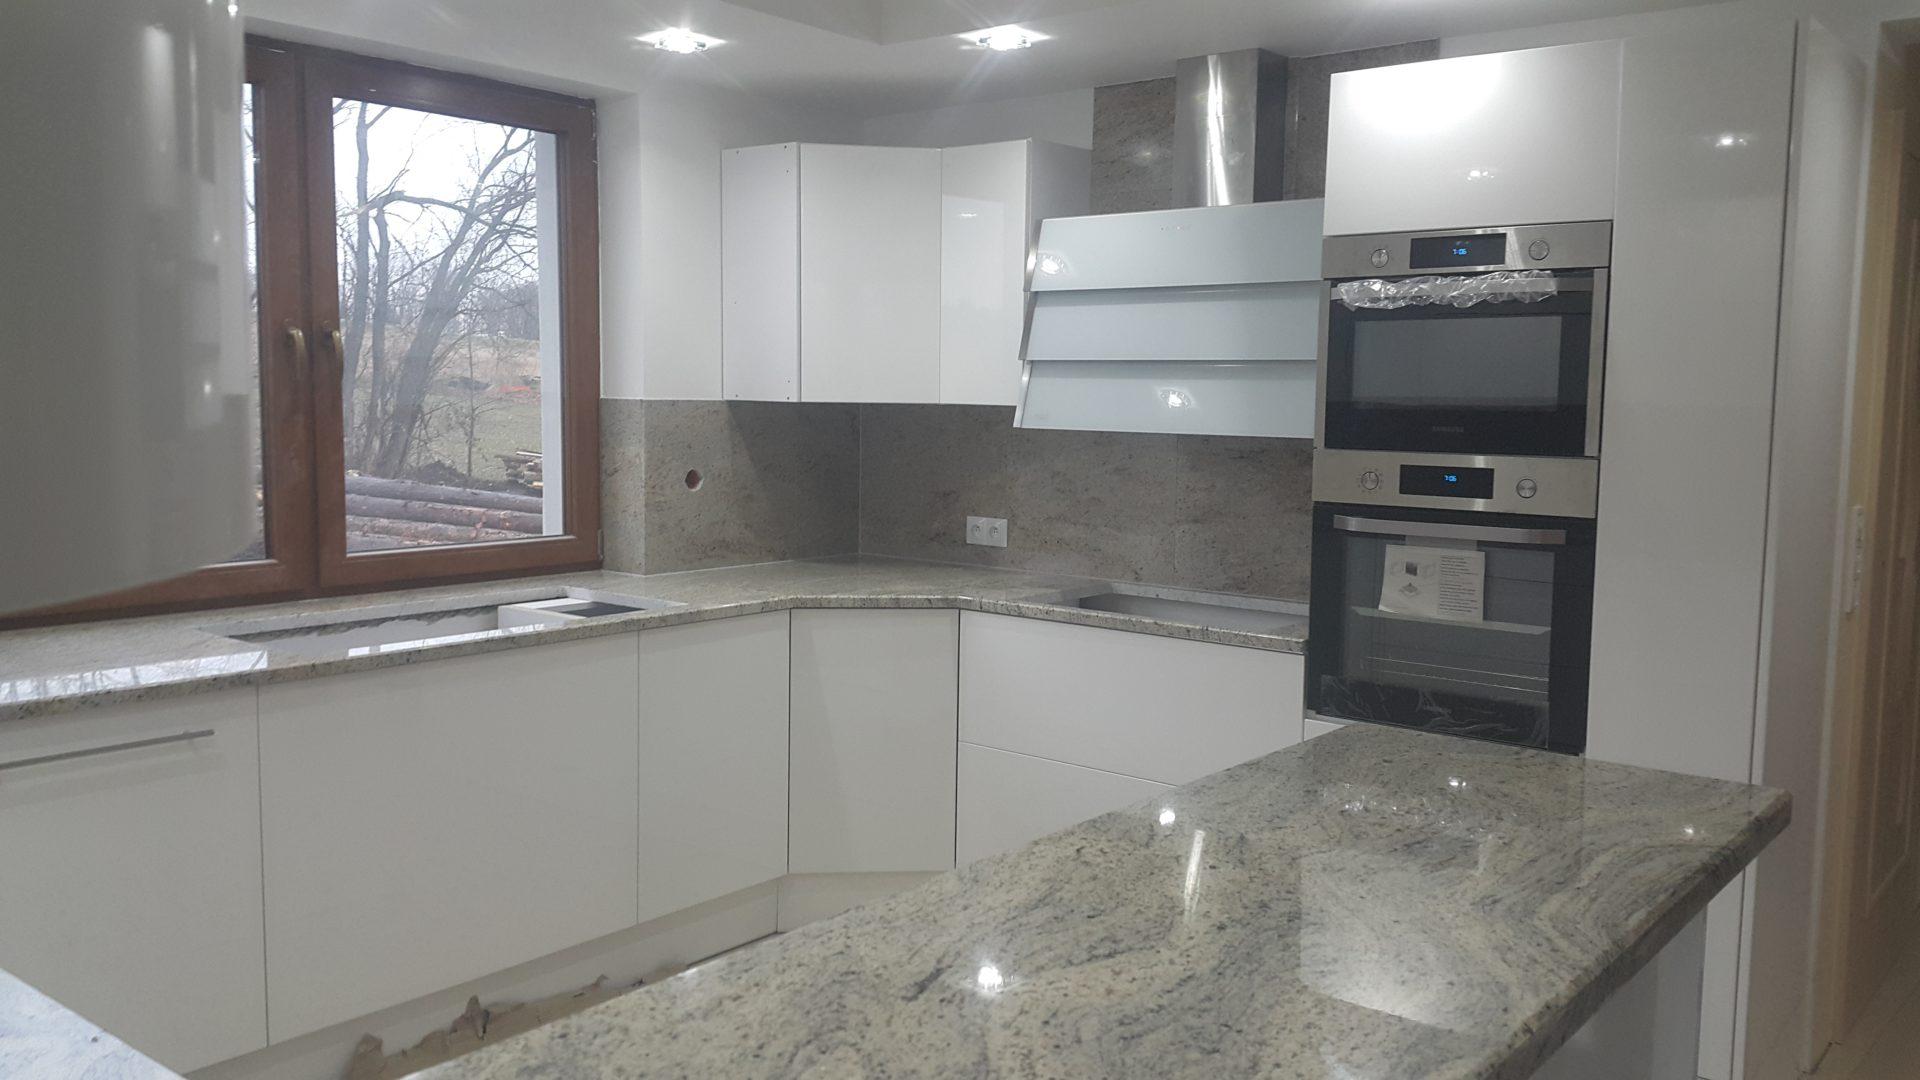 Aranżacja białej kuchni w połączeniu z szarym, granitowym blatem kuchennym